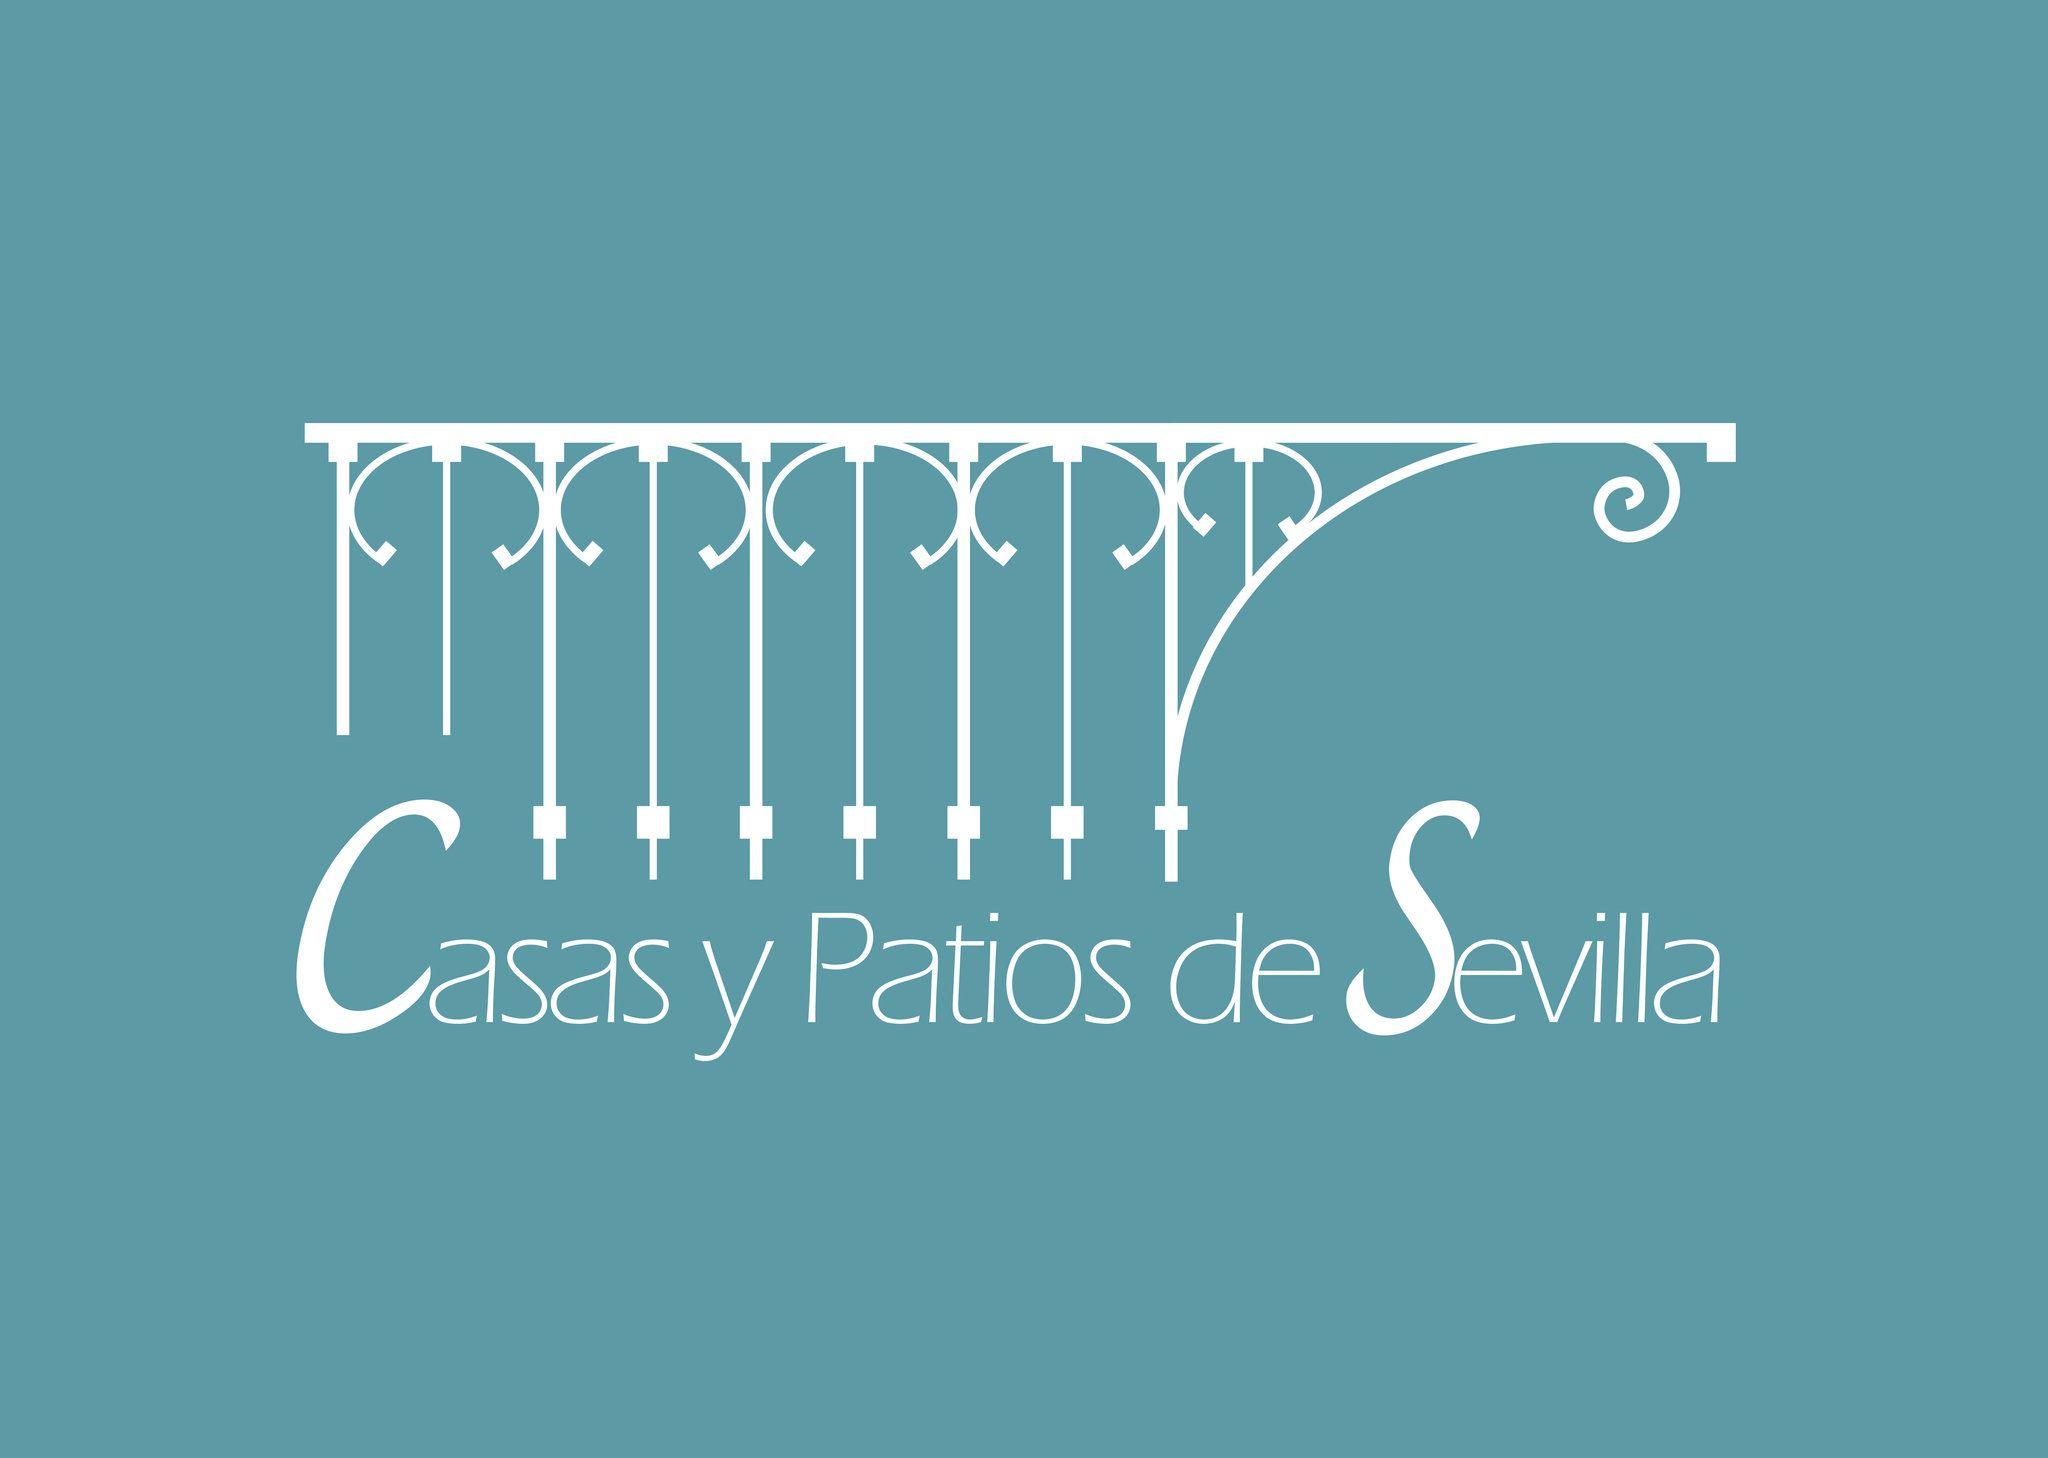 Casas y Patios de Sevilla